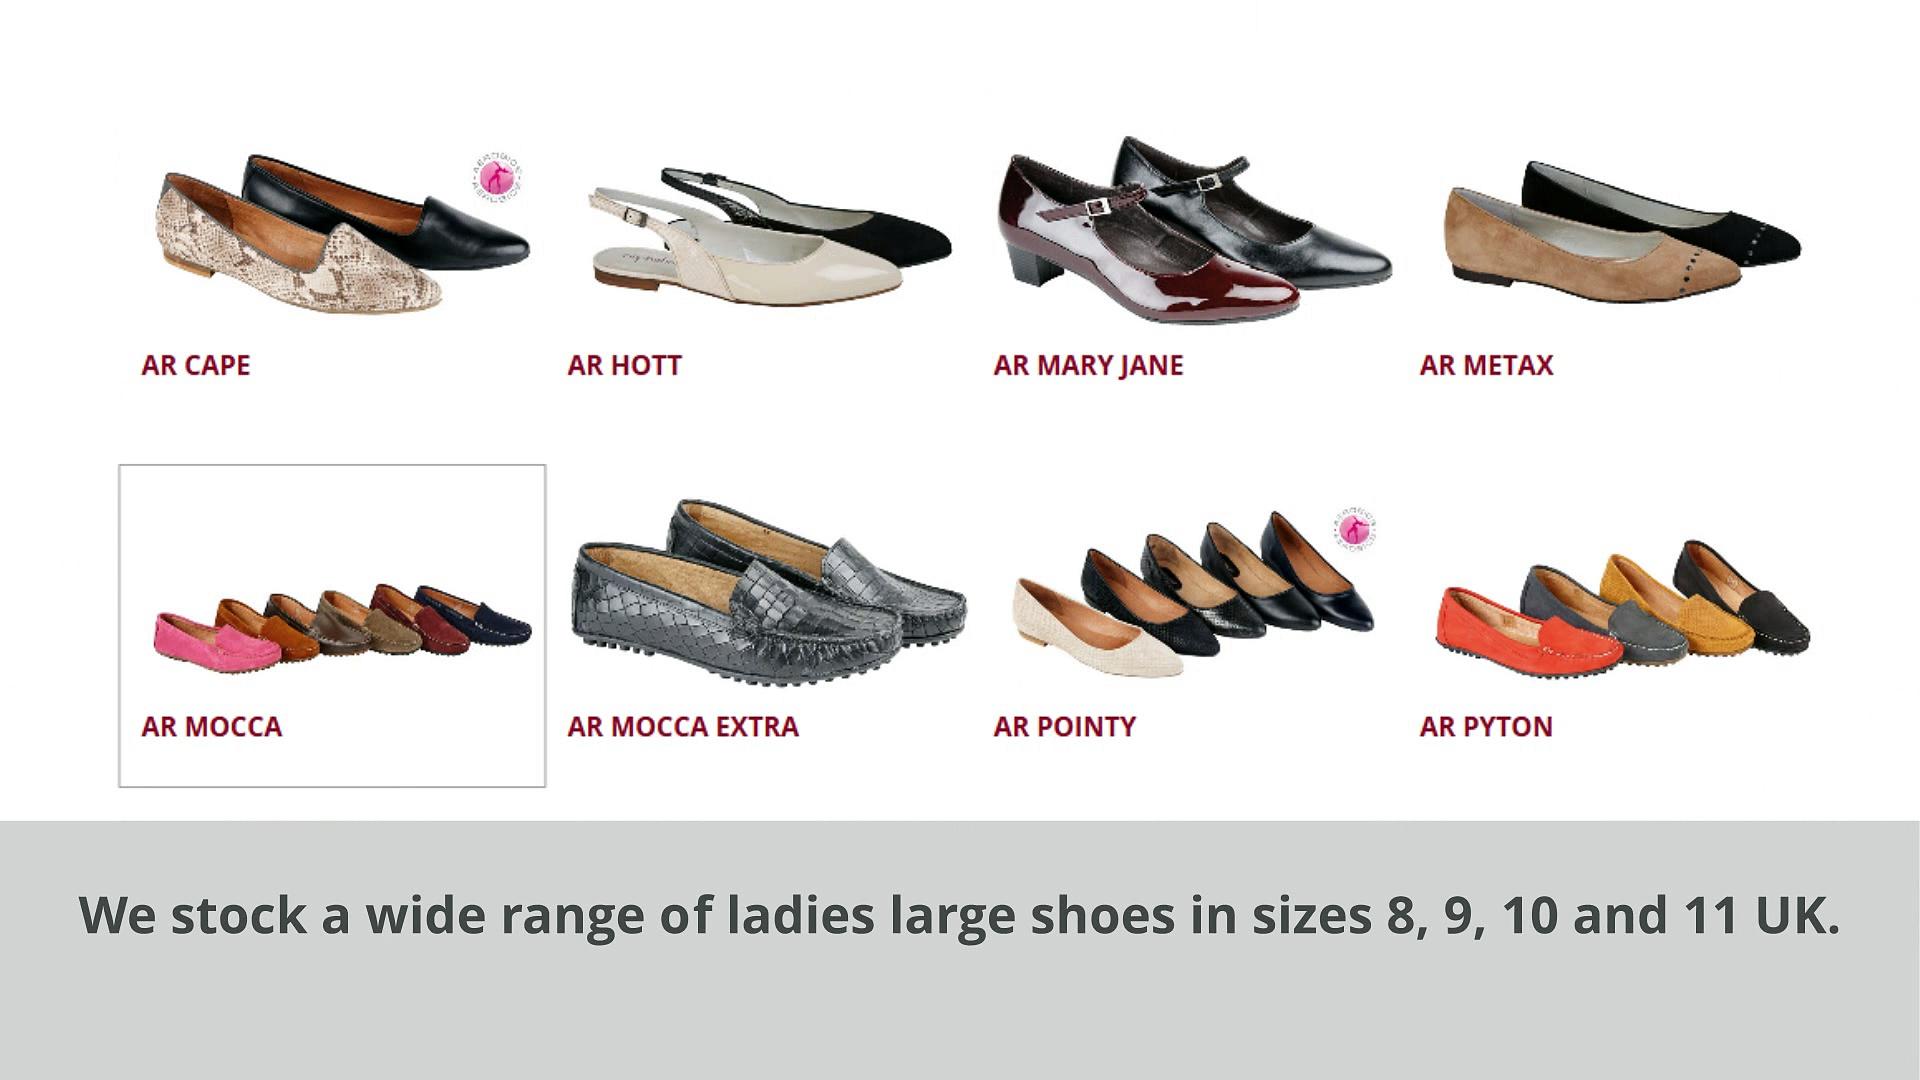 Ladies Large Shoes – Women's Large & Plus Size Boots | Ladies Size 8, 9, 10 & 11 Shoes